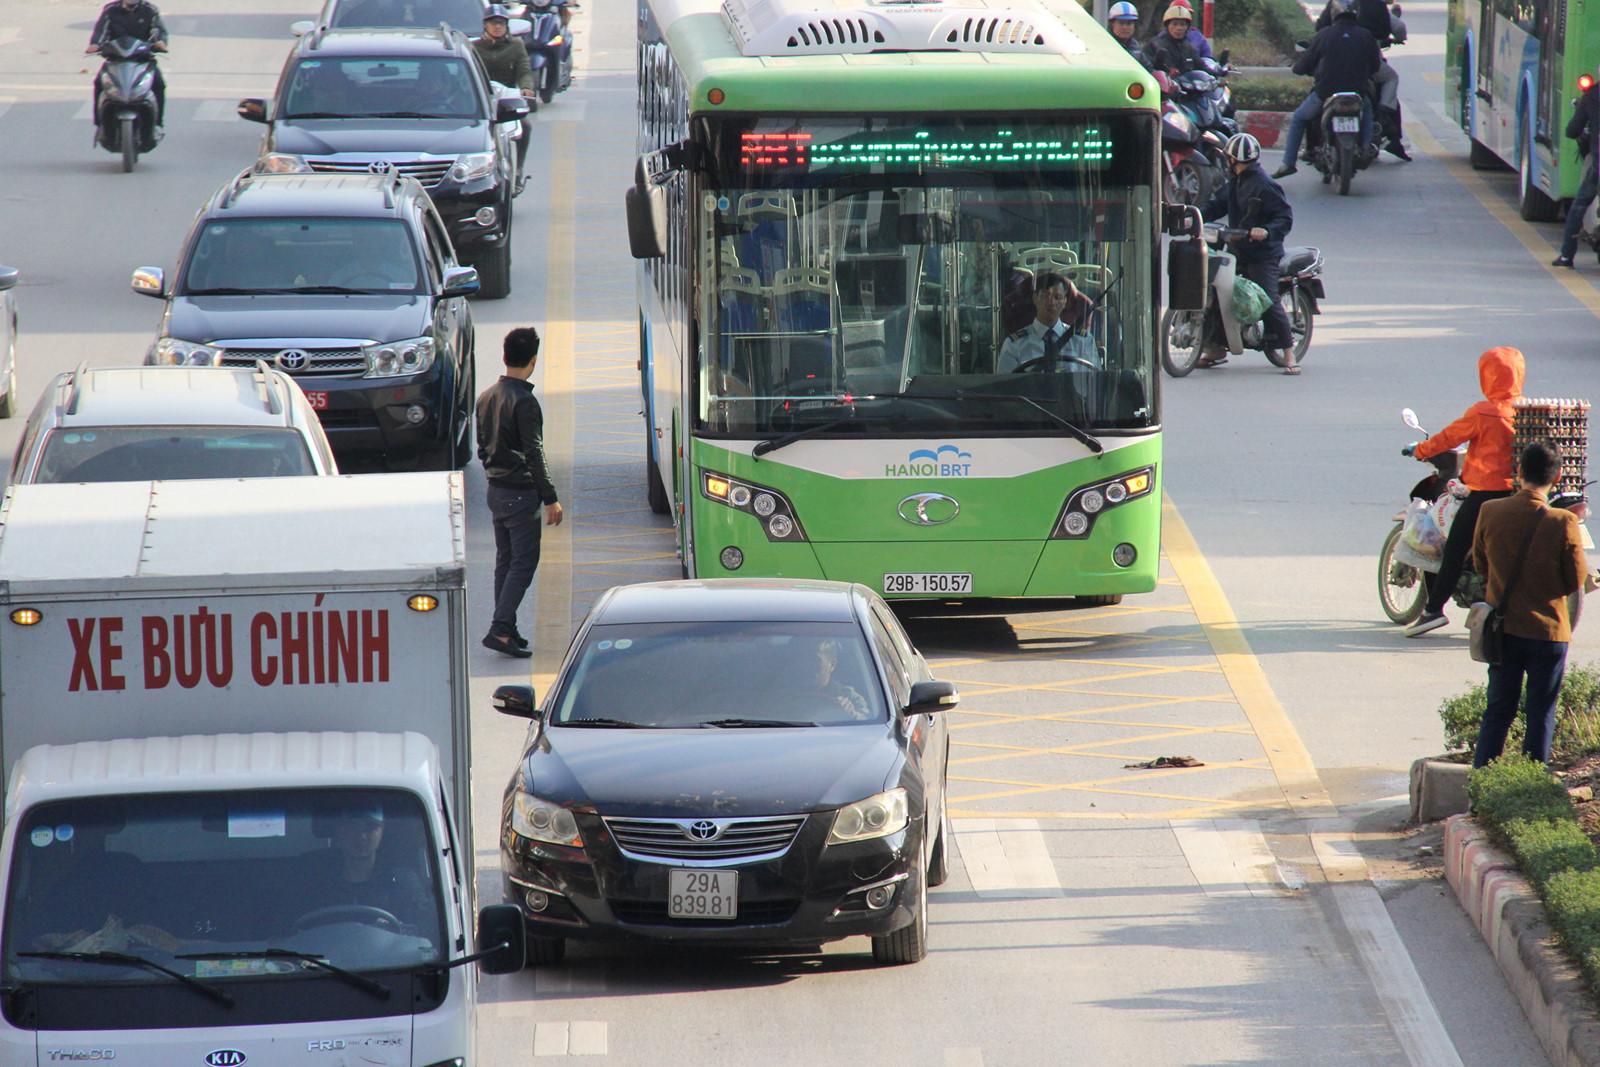 Xe buýt nhanh Hà Nội thu phí 7.000 đồng mỗi lượt